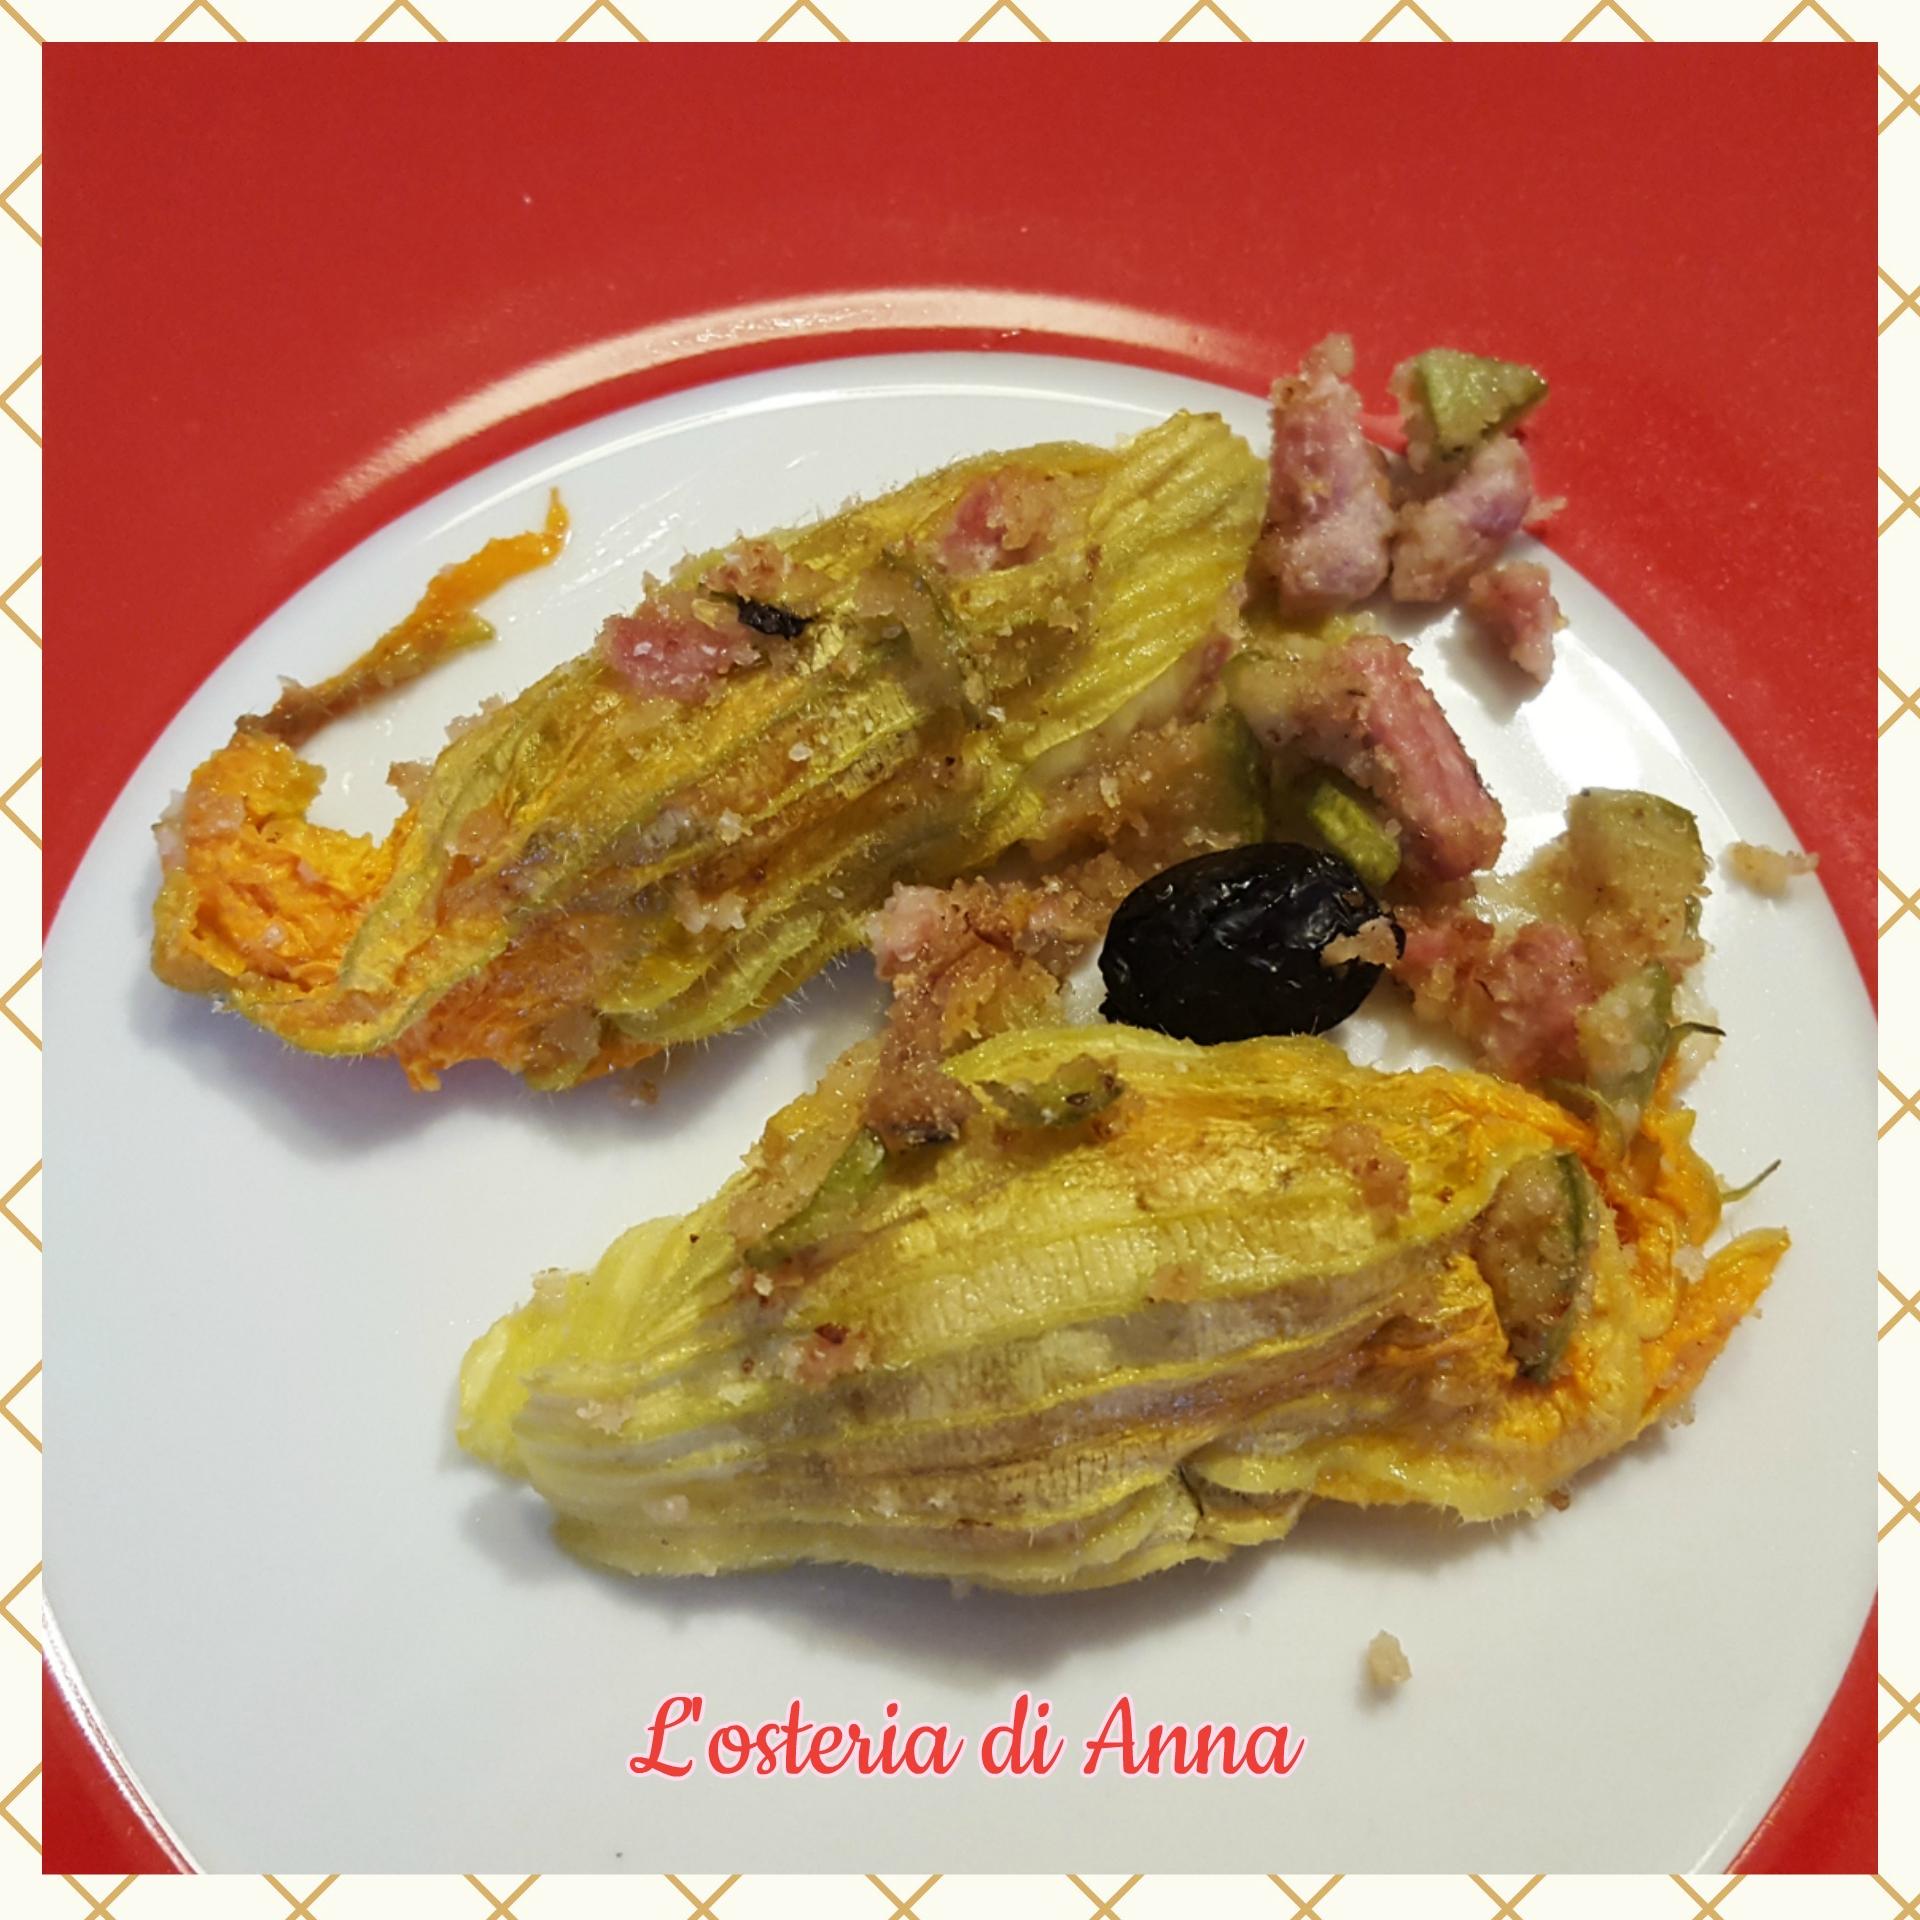 Fiori di zucca ripieni con tonno e mozzarella